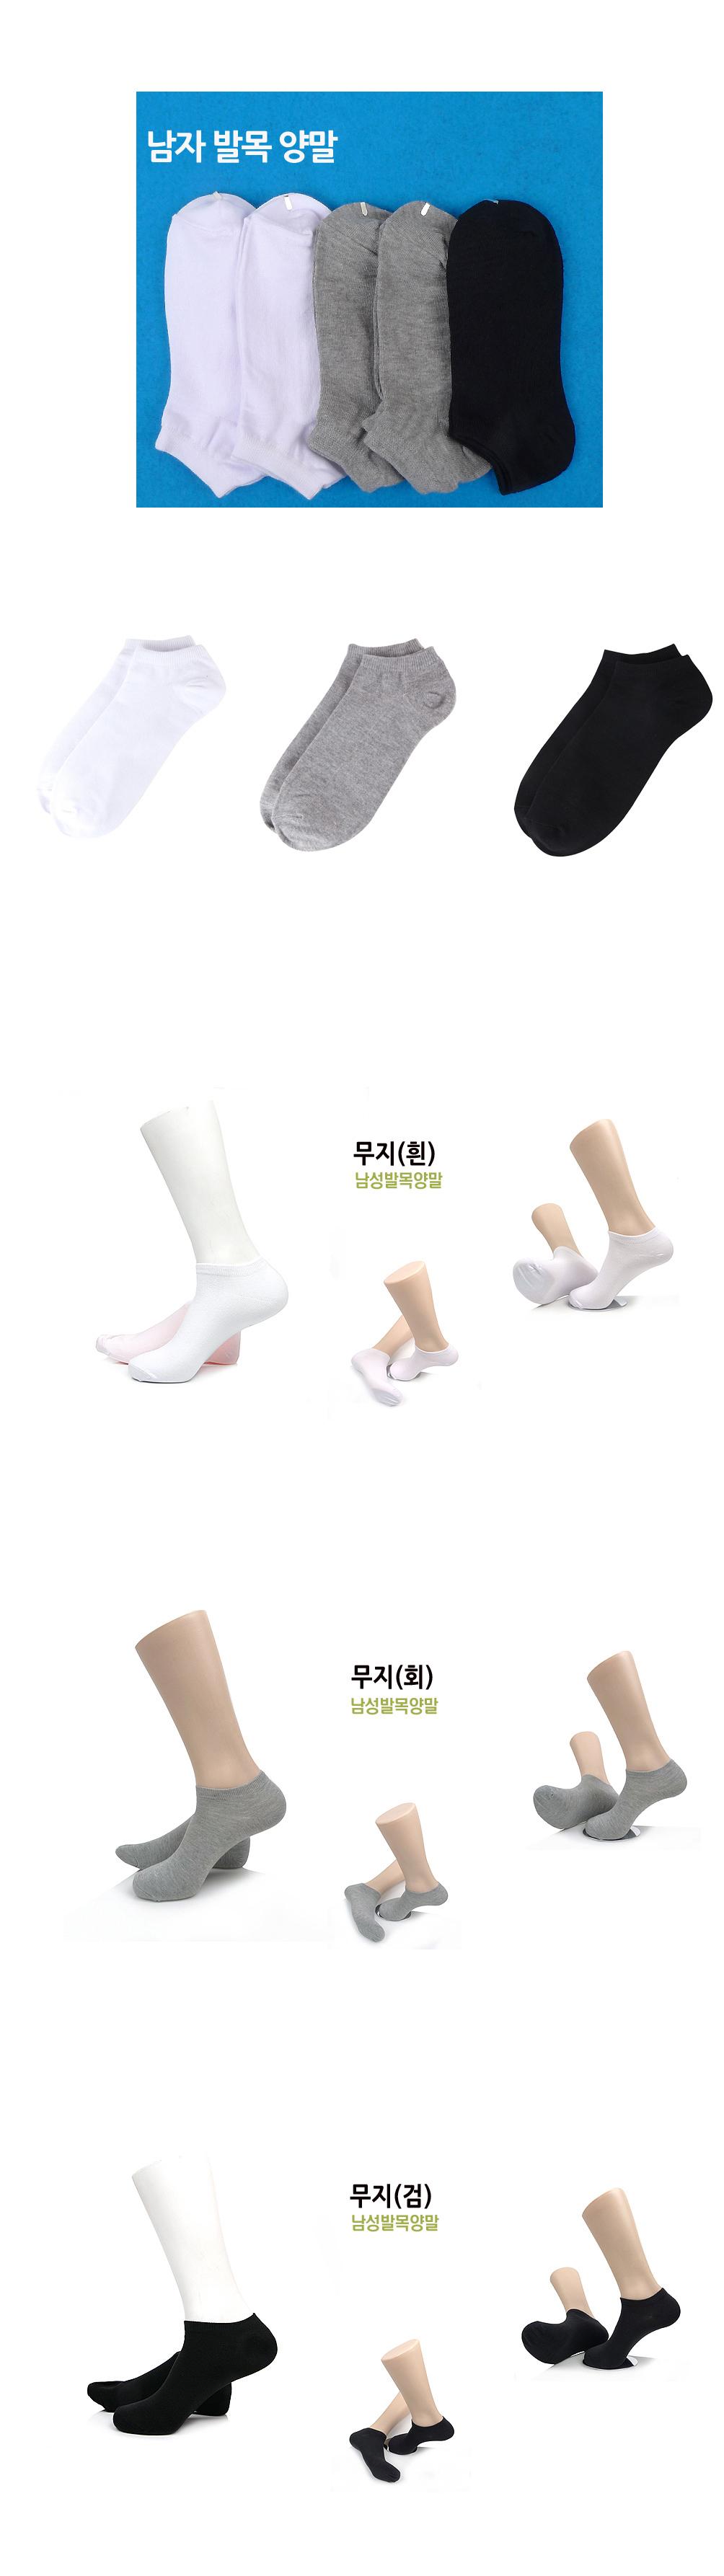 빅토 남자 빅사이즈 발목양말 왕발(무지) - 빅토, 990원, 남성양말, 패션양말